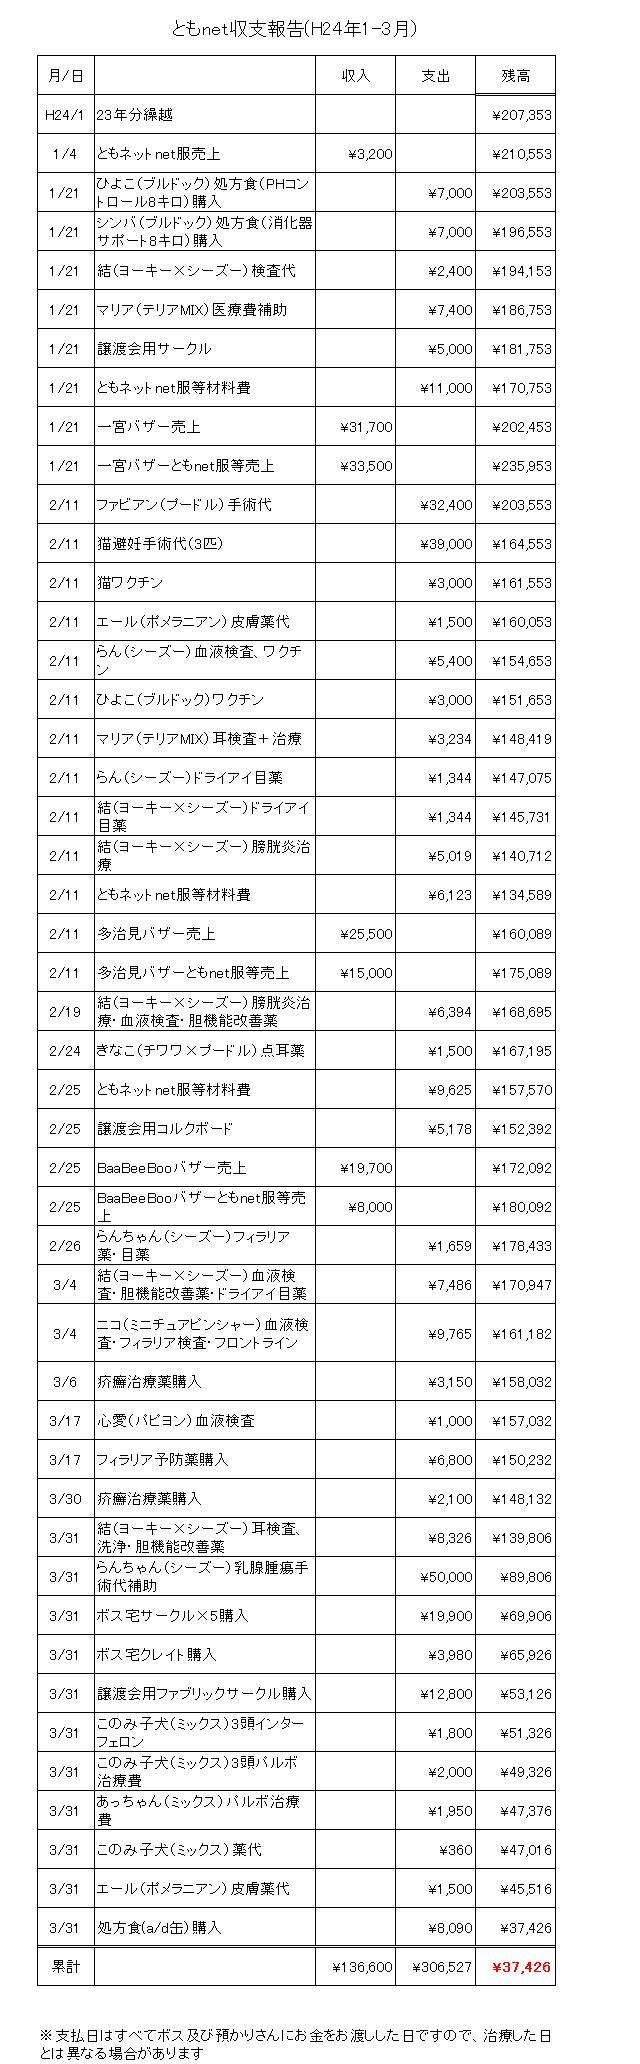 ともnet収支報告